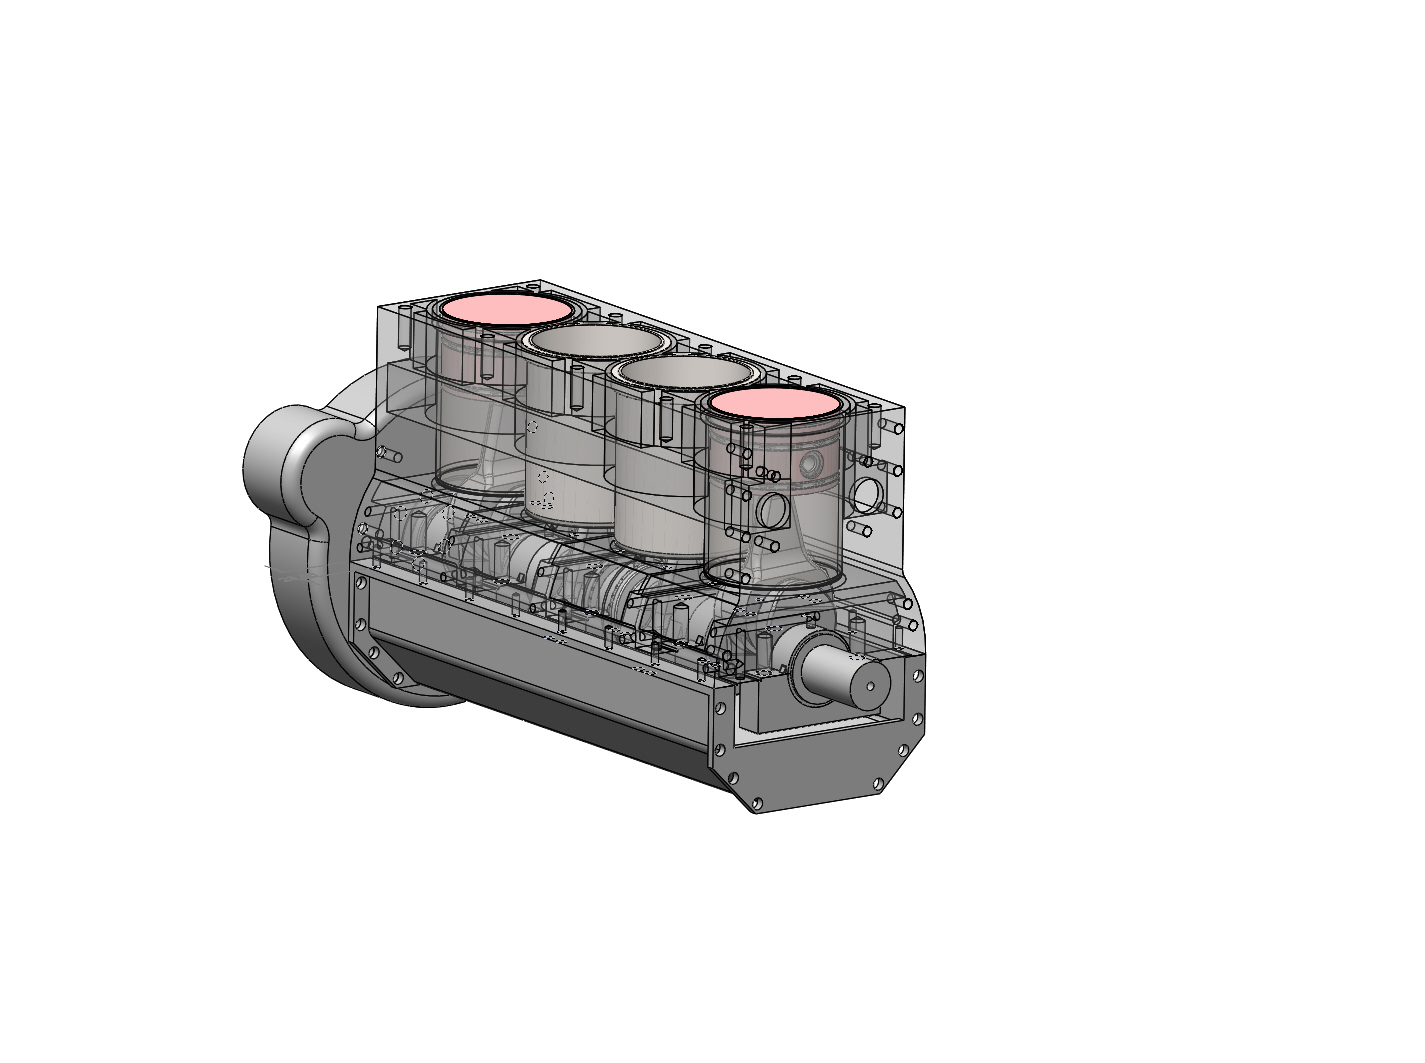 Moottorin 3D-malli